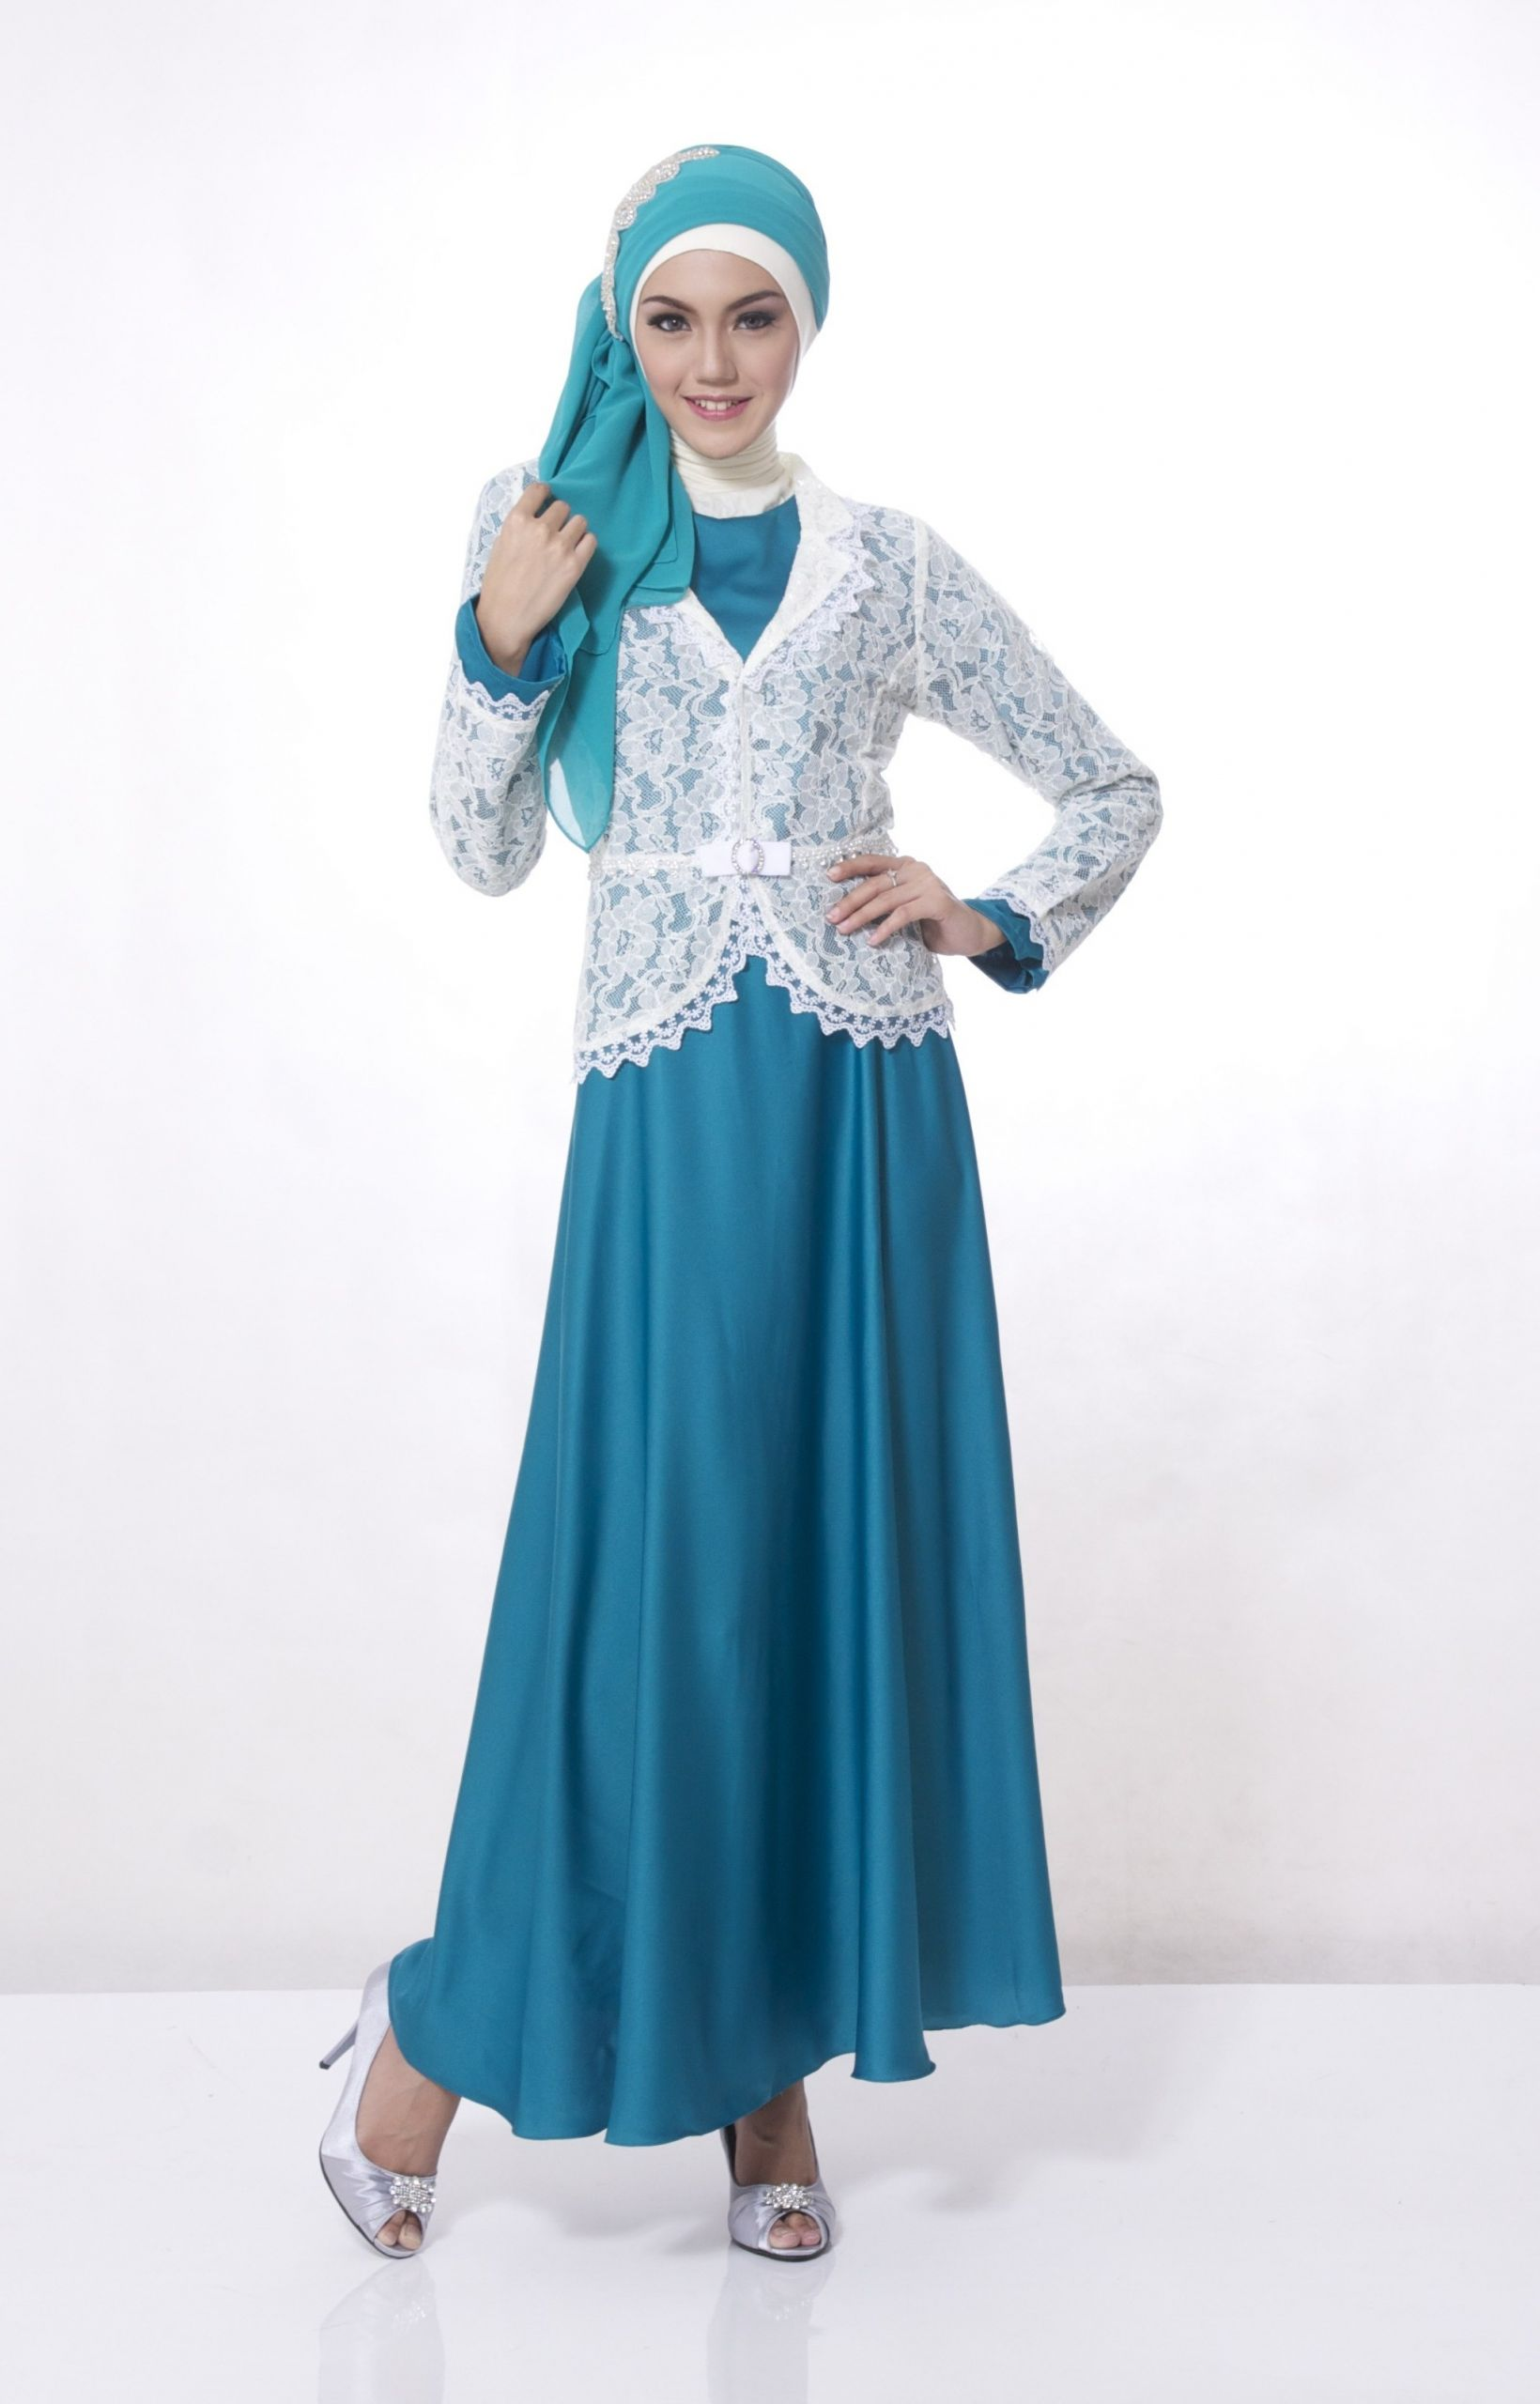 Bentuk Design Baju Lebaran Q5df Contoh Desain Baju Muslim Terbaru Di 2015 – Pipitfashion